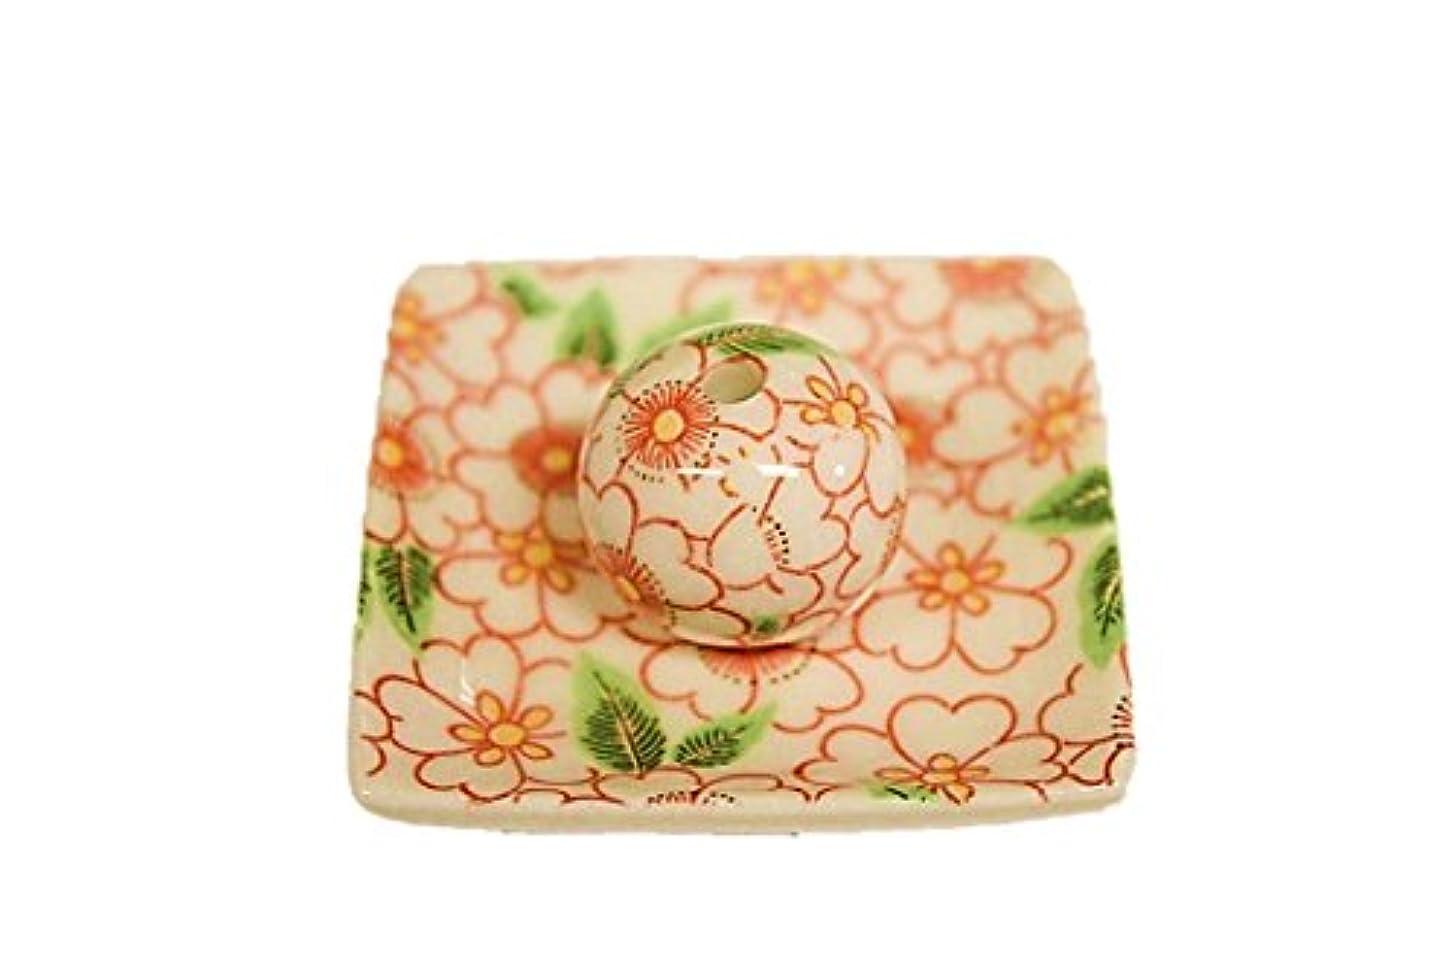 傑出した九時四十五分もつれ朱華柳 小角皿 日本製 製造 直売 美濃焼 お香立て 印判手 お香たて 陶器